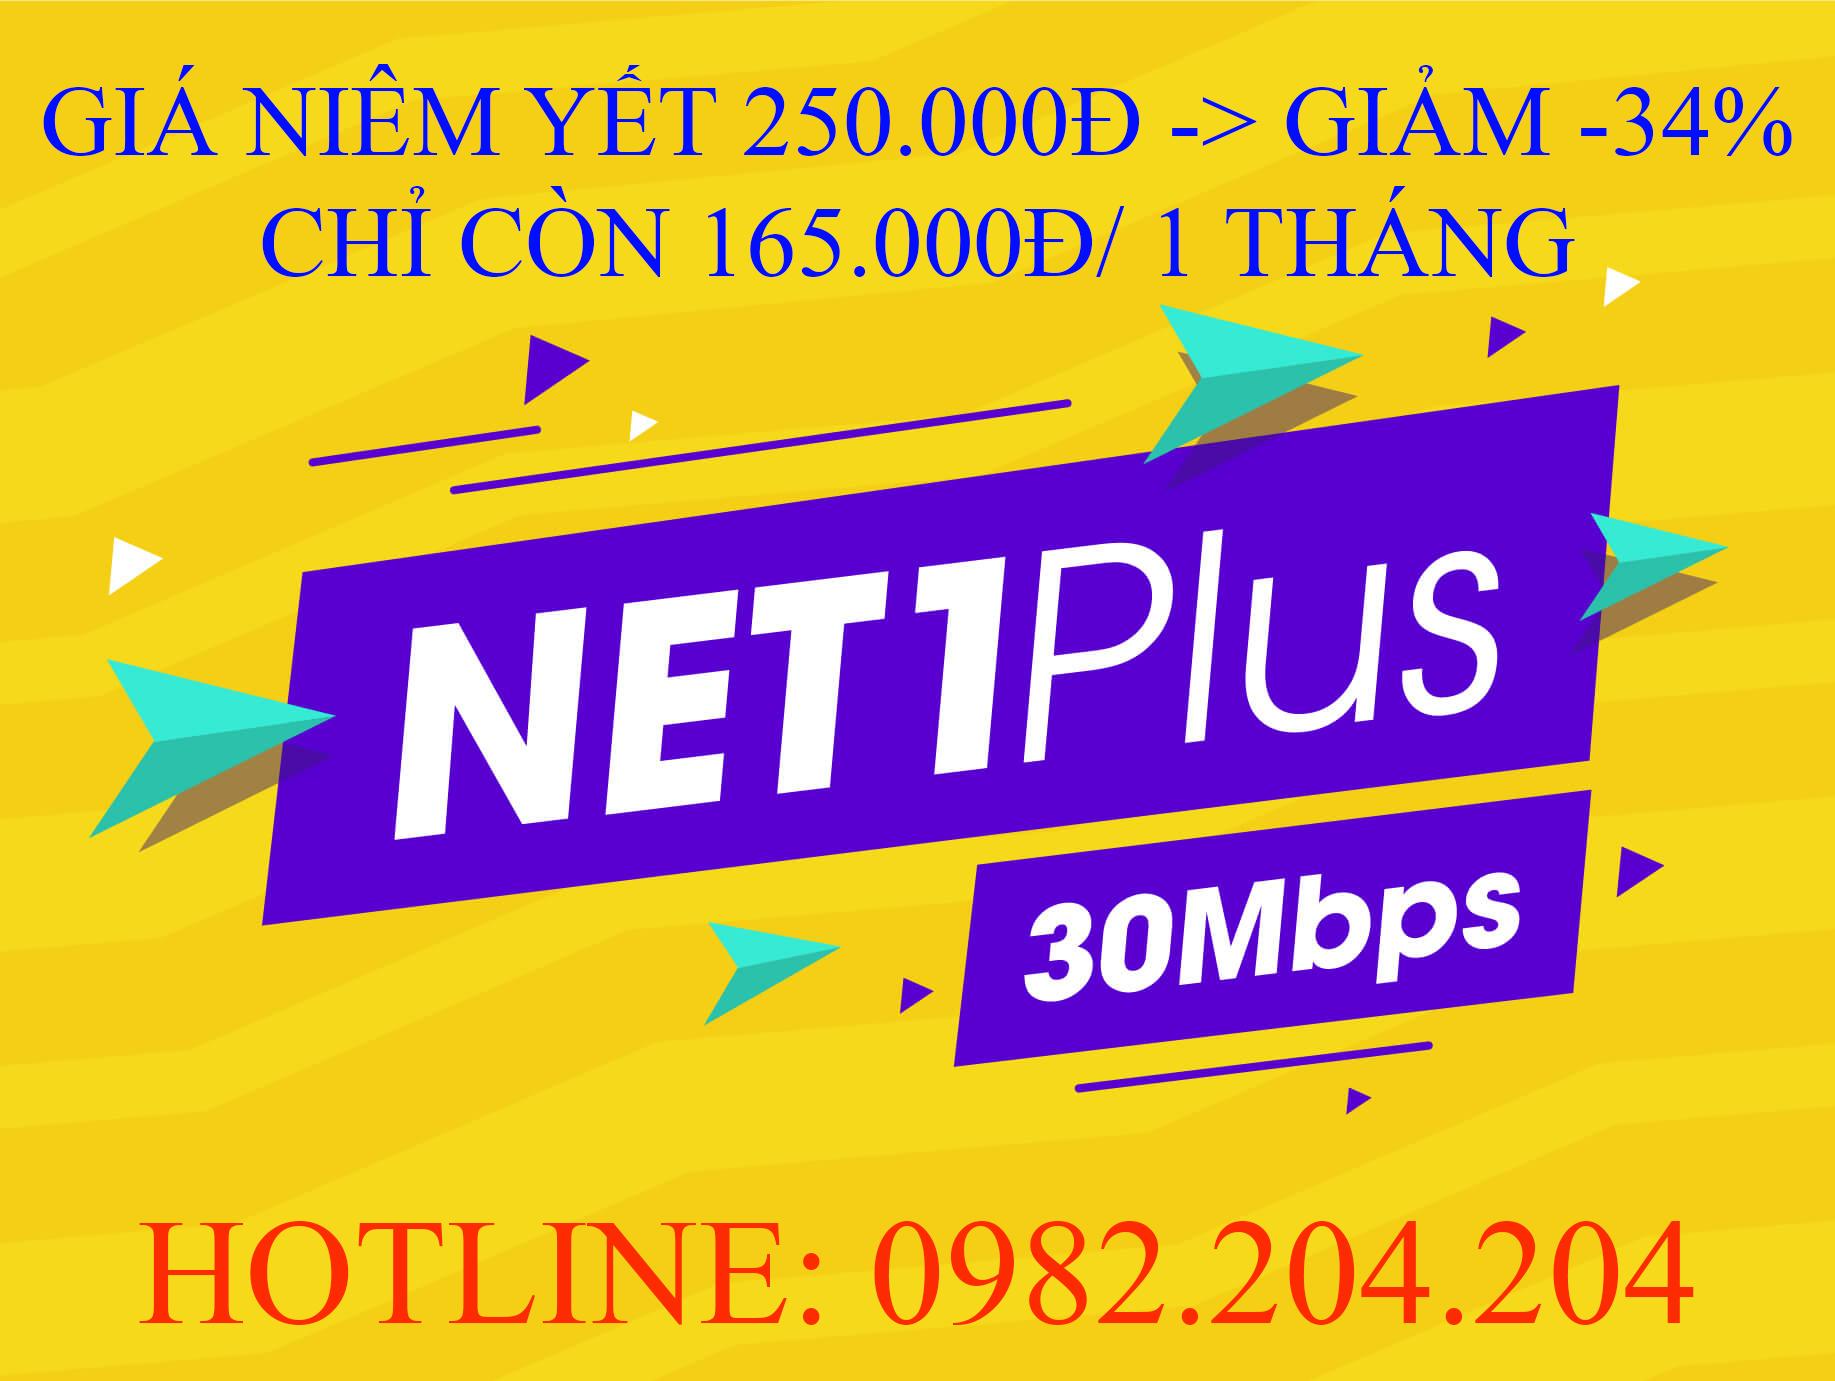 Tổng Đài Lắp Đặt Mạng Internet Cáp Quang Wifi Viettel 0982024204 cung cấp gói Net 1 plus